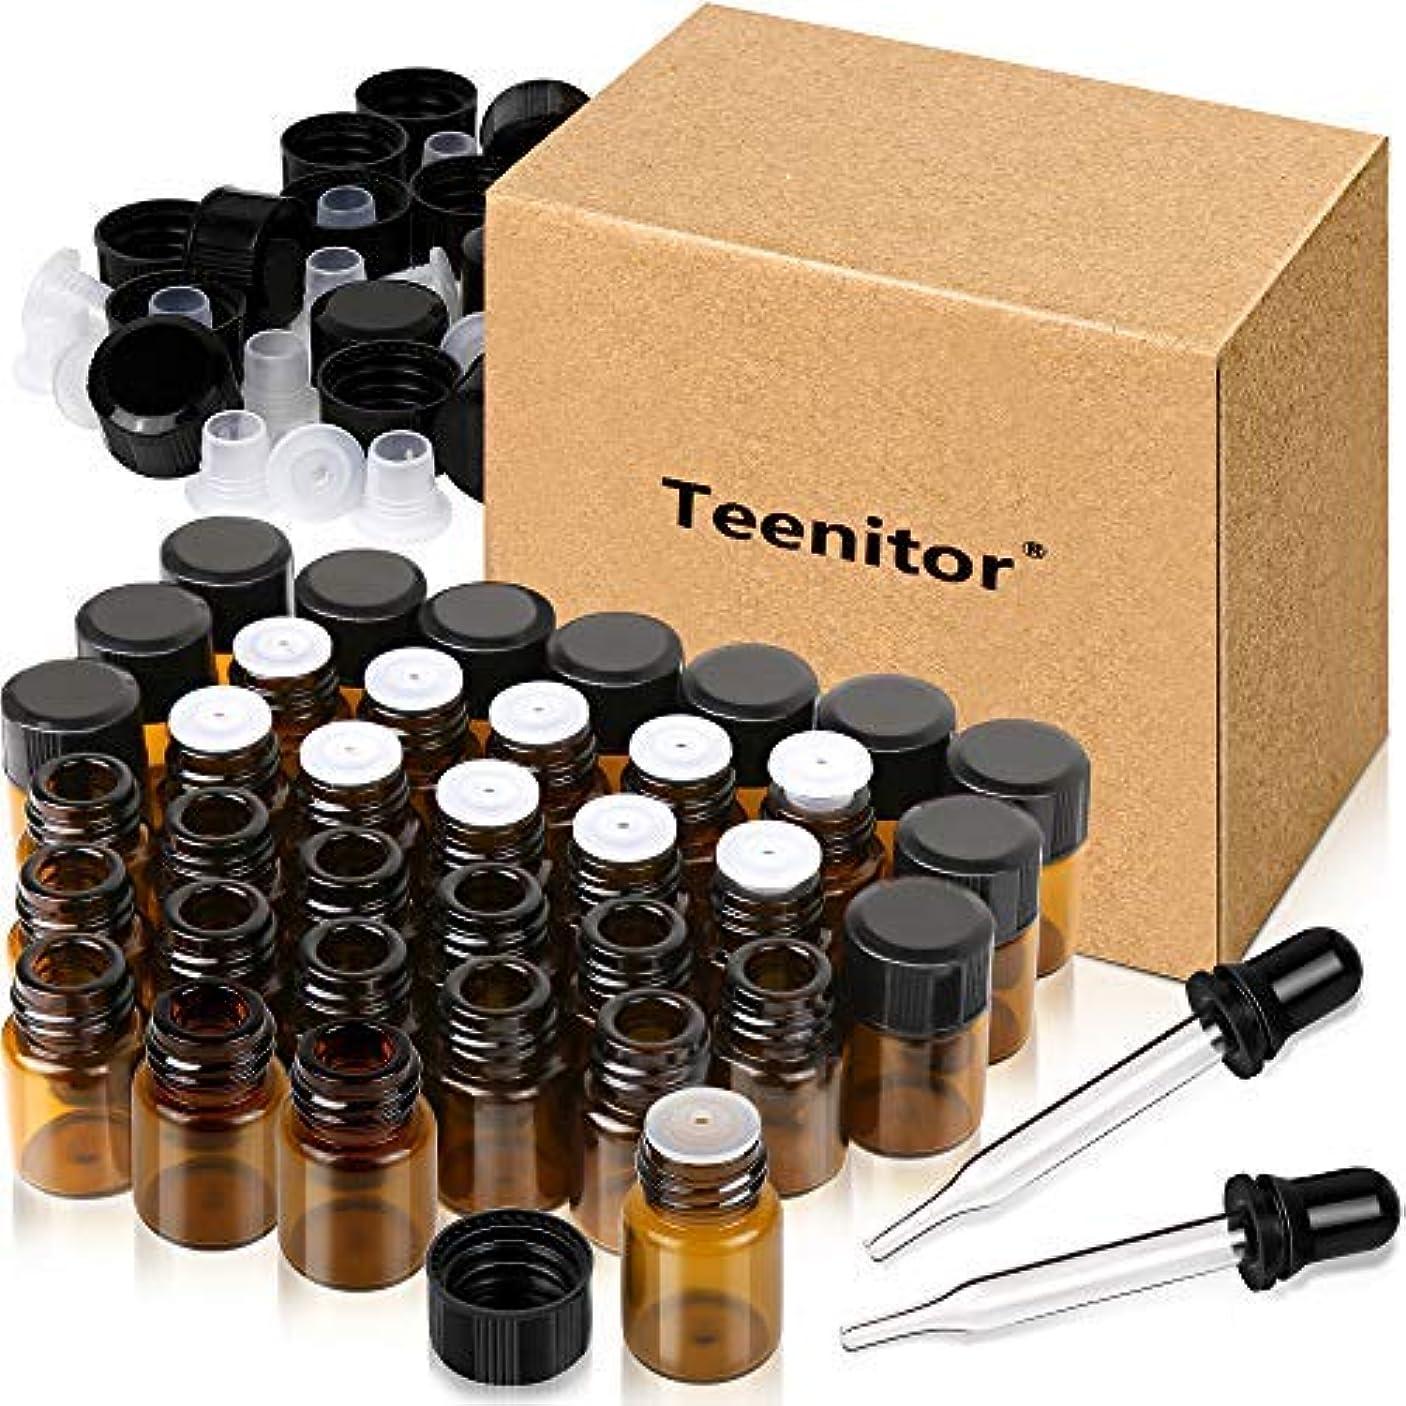 無実過敏な代わりにOil Bottles for Essential Oils, Teenitor 36 Pcs 2 ml (5/8 Dram) Amber Glass Vials Bottles, with Orifice Reducers...